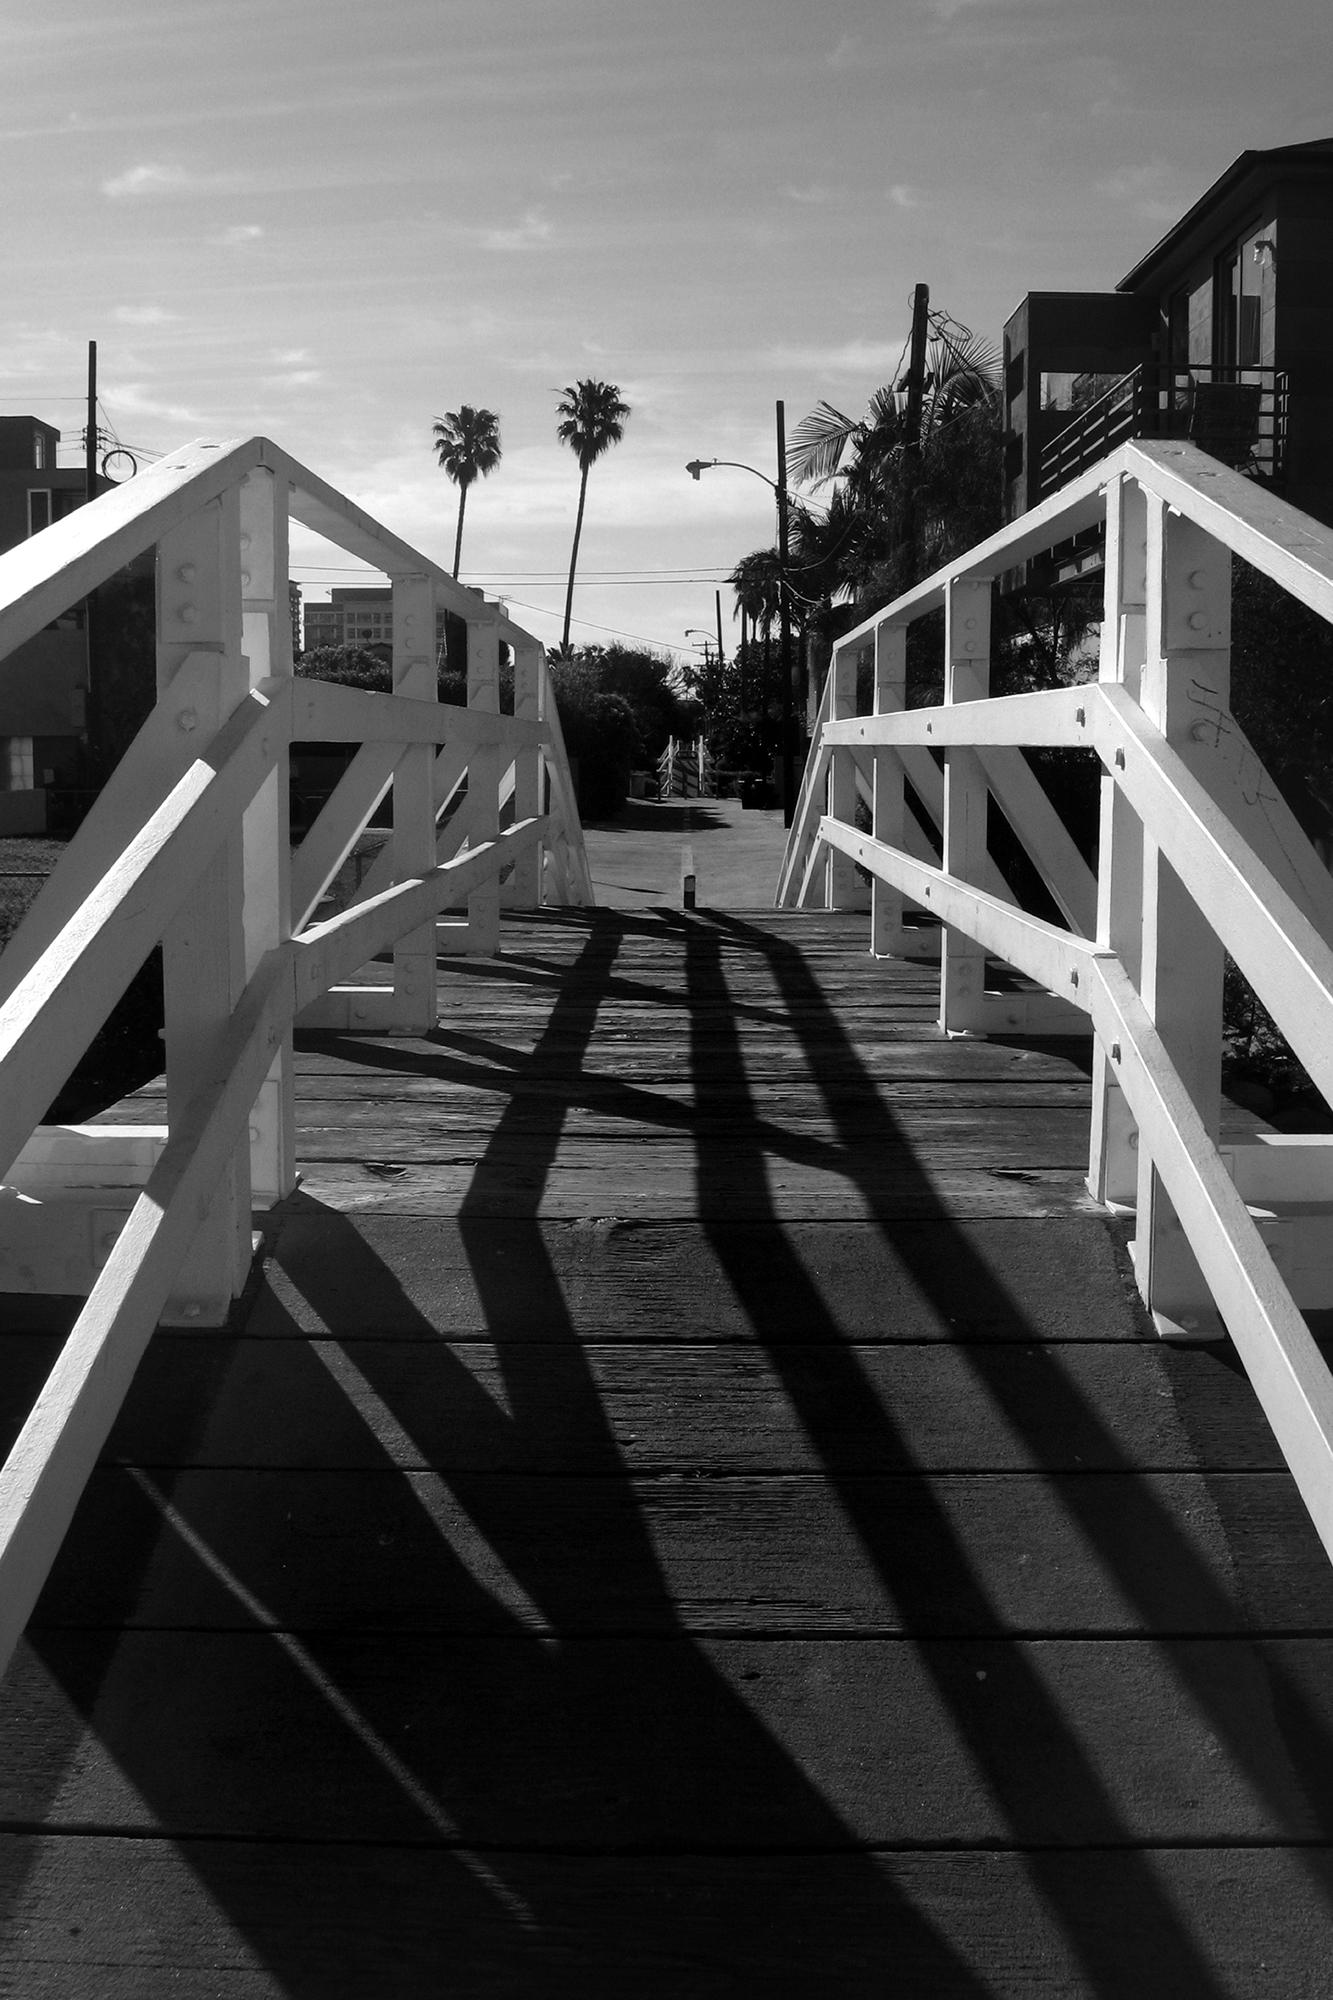 Bridgway by Rich J. Velasco